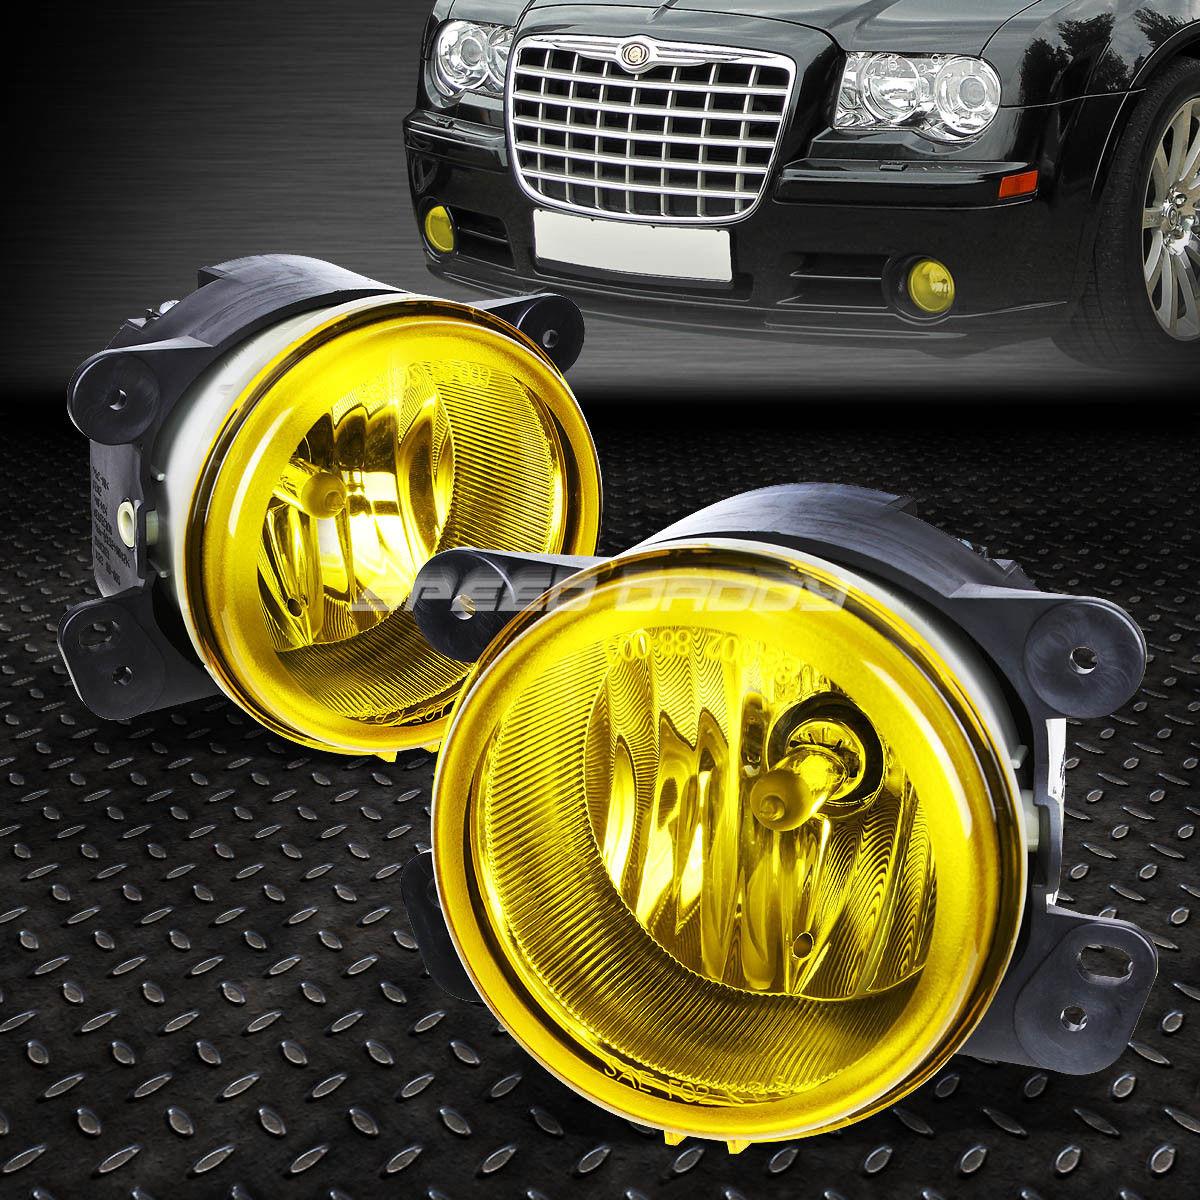 フォグライト FOR 05-10 CHRYSLER 300/300C SRT-8 YELLOW LENS OE BUMPER DRIVING FOG LIGHT LAMP 05-10クライスラー300 / 300C SRT-8イエローレンズOEバッファードライフォグライトランプ